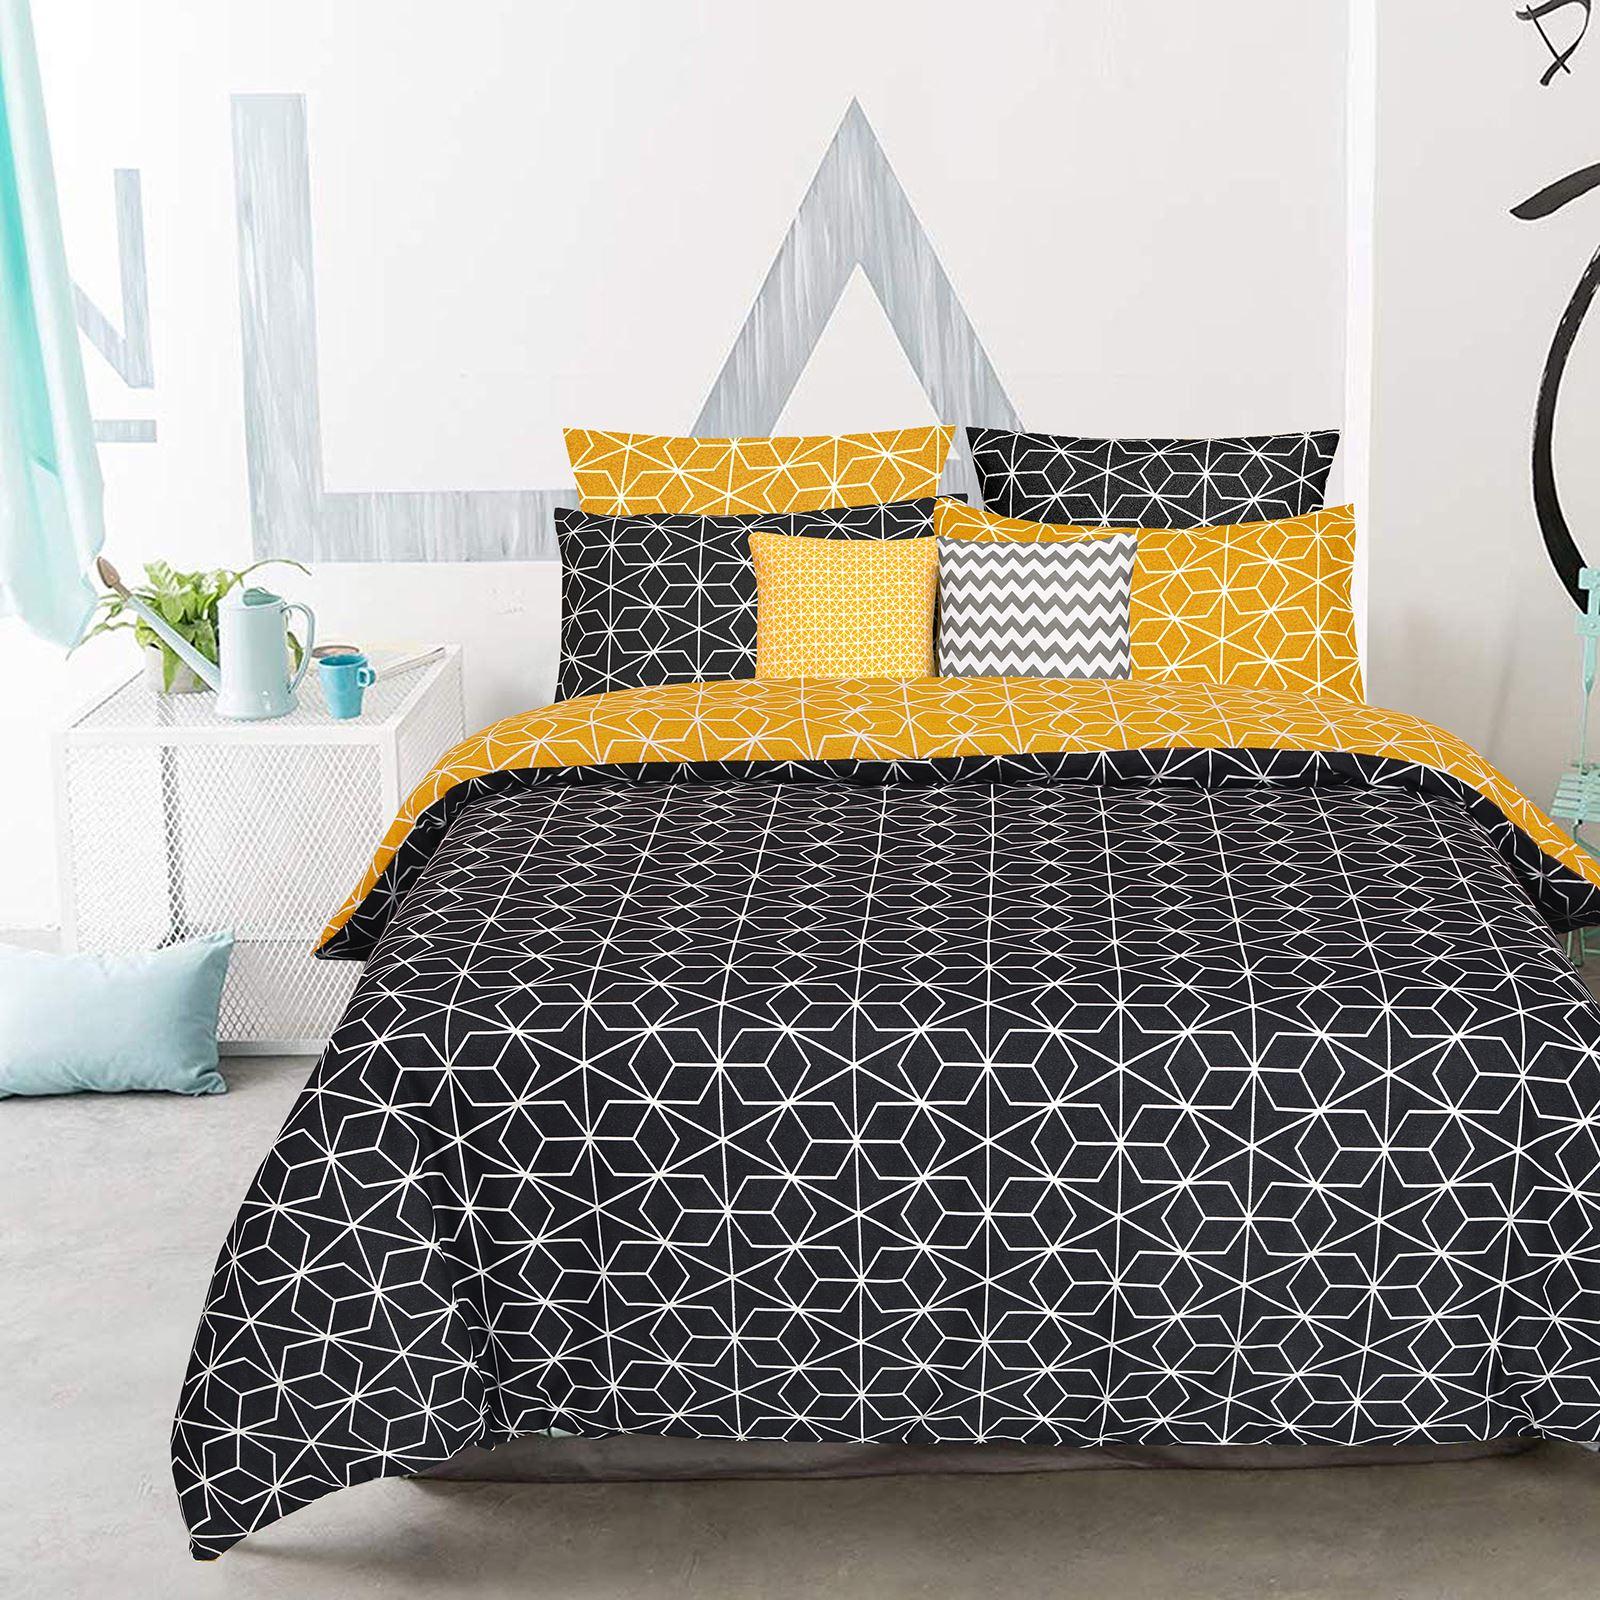 Geometrique-Housse-De-Couette-100-Coton-Couette-Douce-Literie-Simple-Double-King-Taille miniature 4